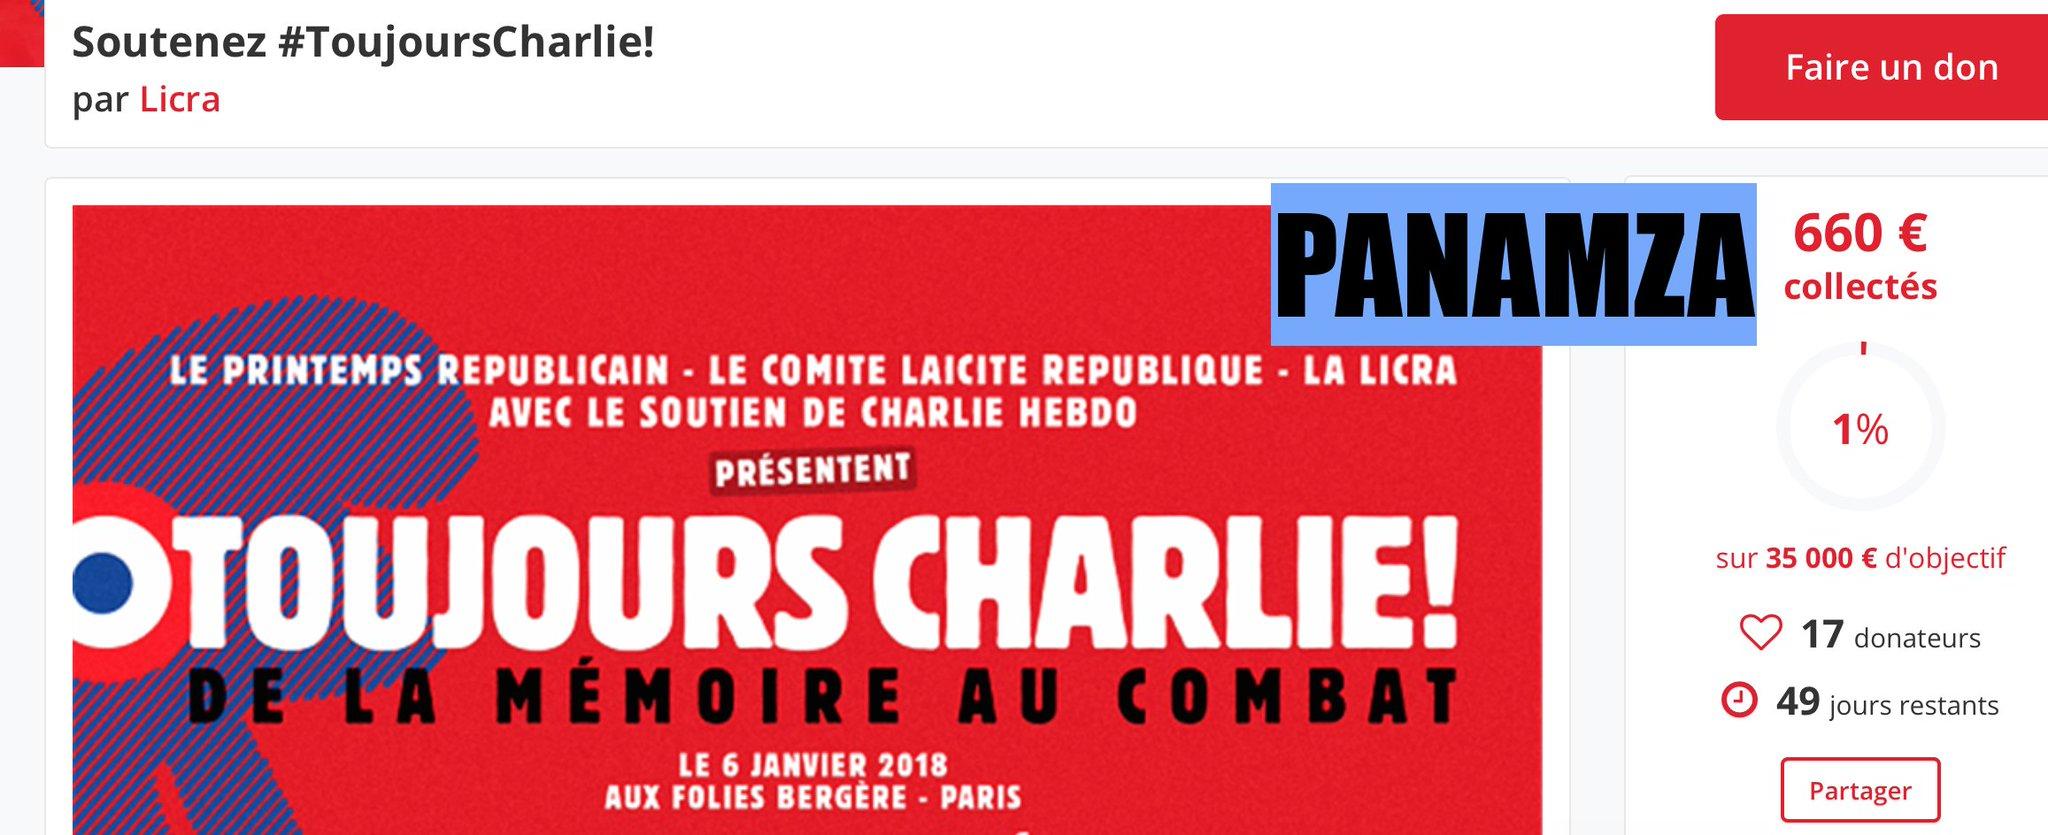 La blague du jour : les Charlie vous demandent 35 000 euros pour s'auto-célébrer